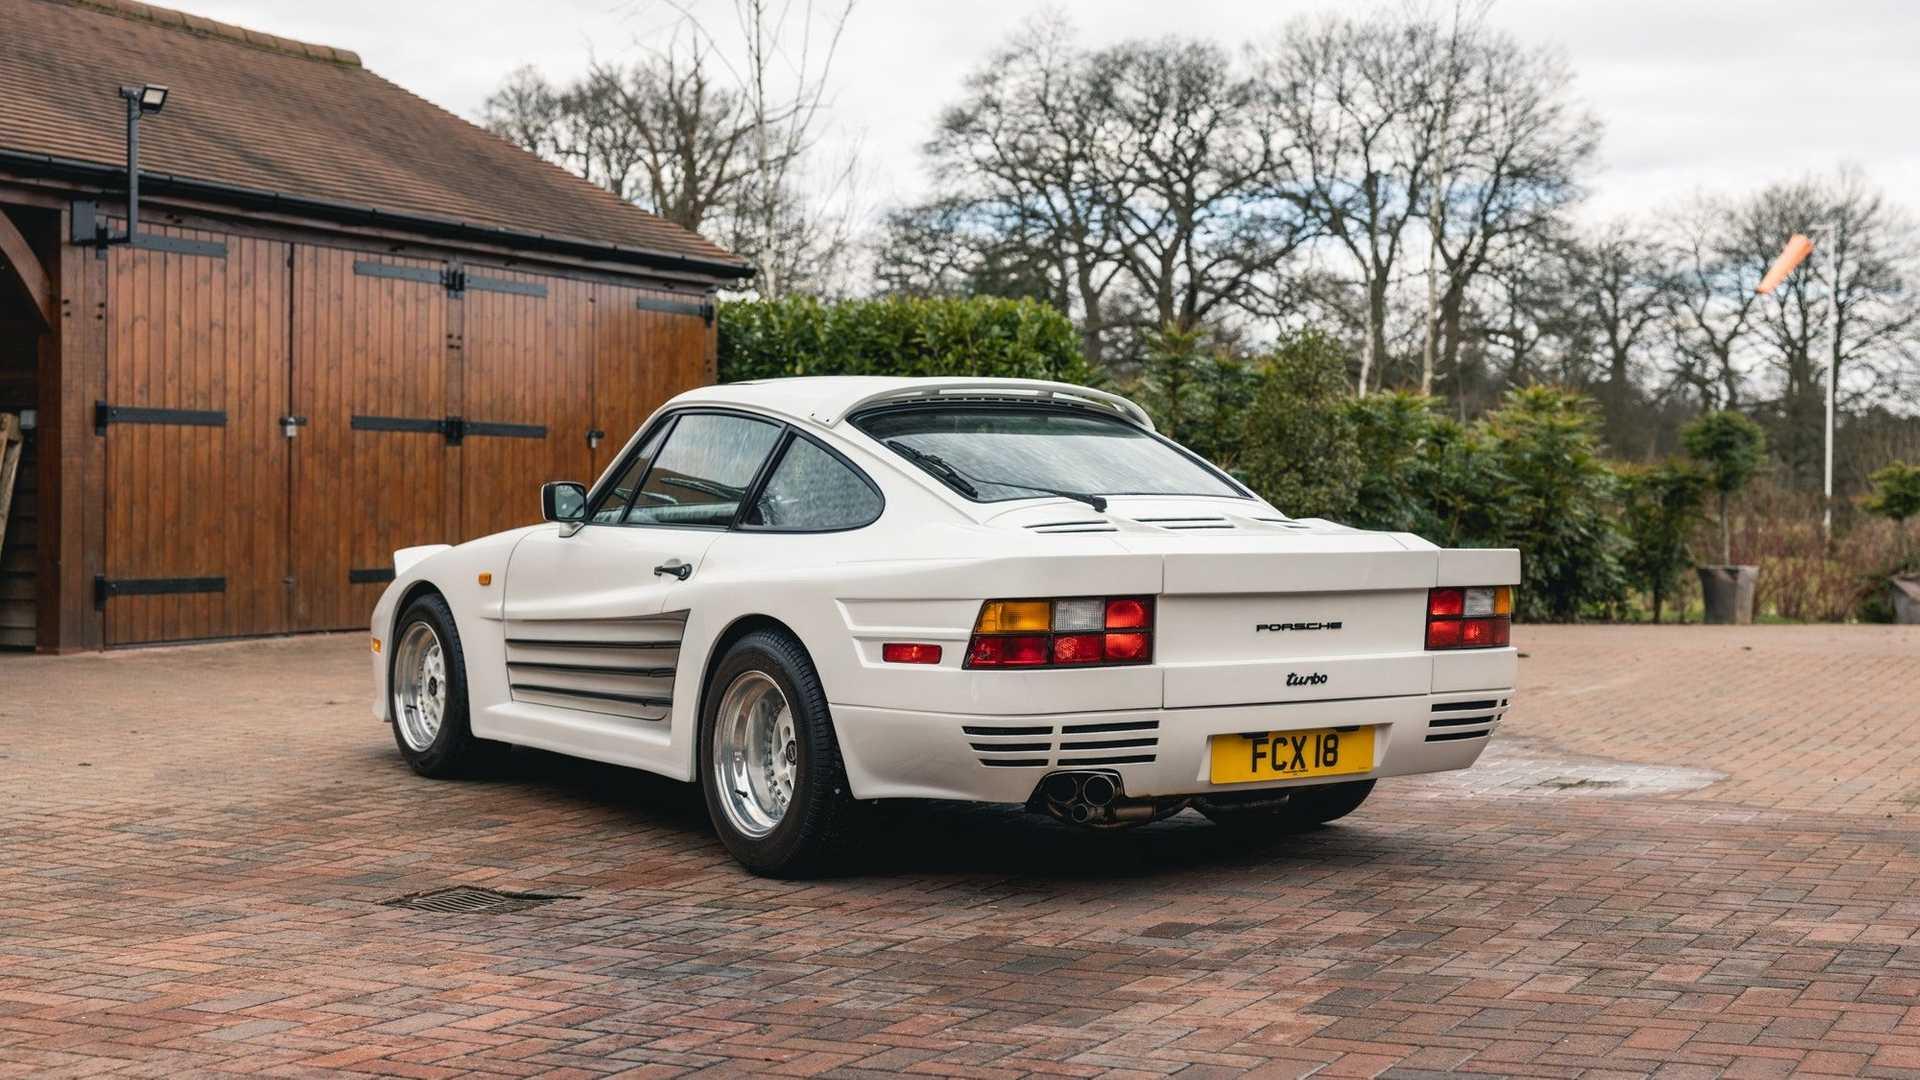 Porsche-911-930-Turbo-Rinspeed-R69-for-sale-6